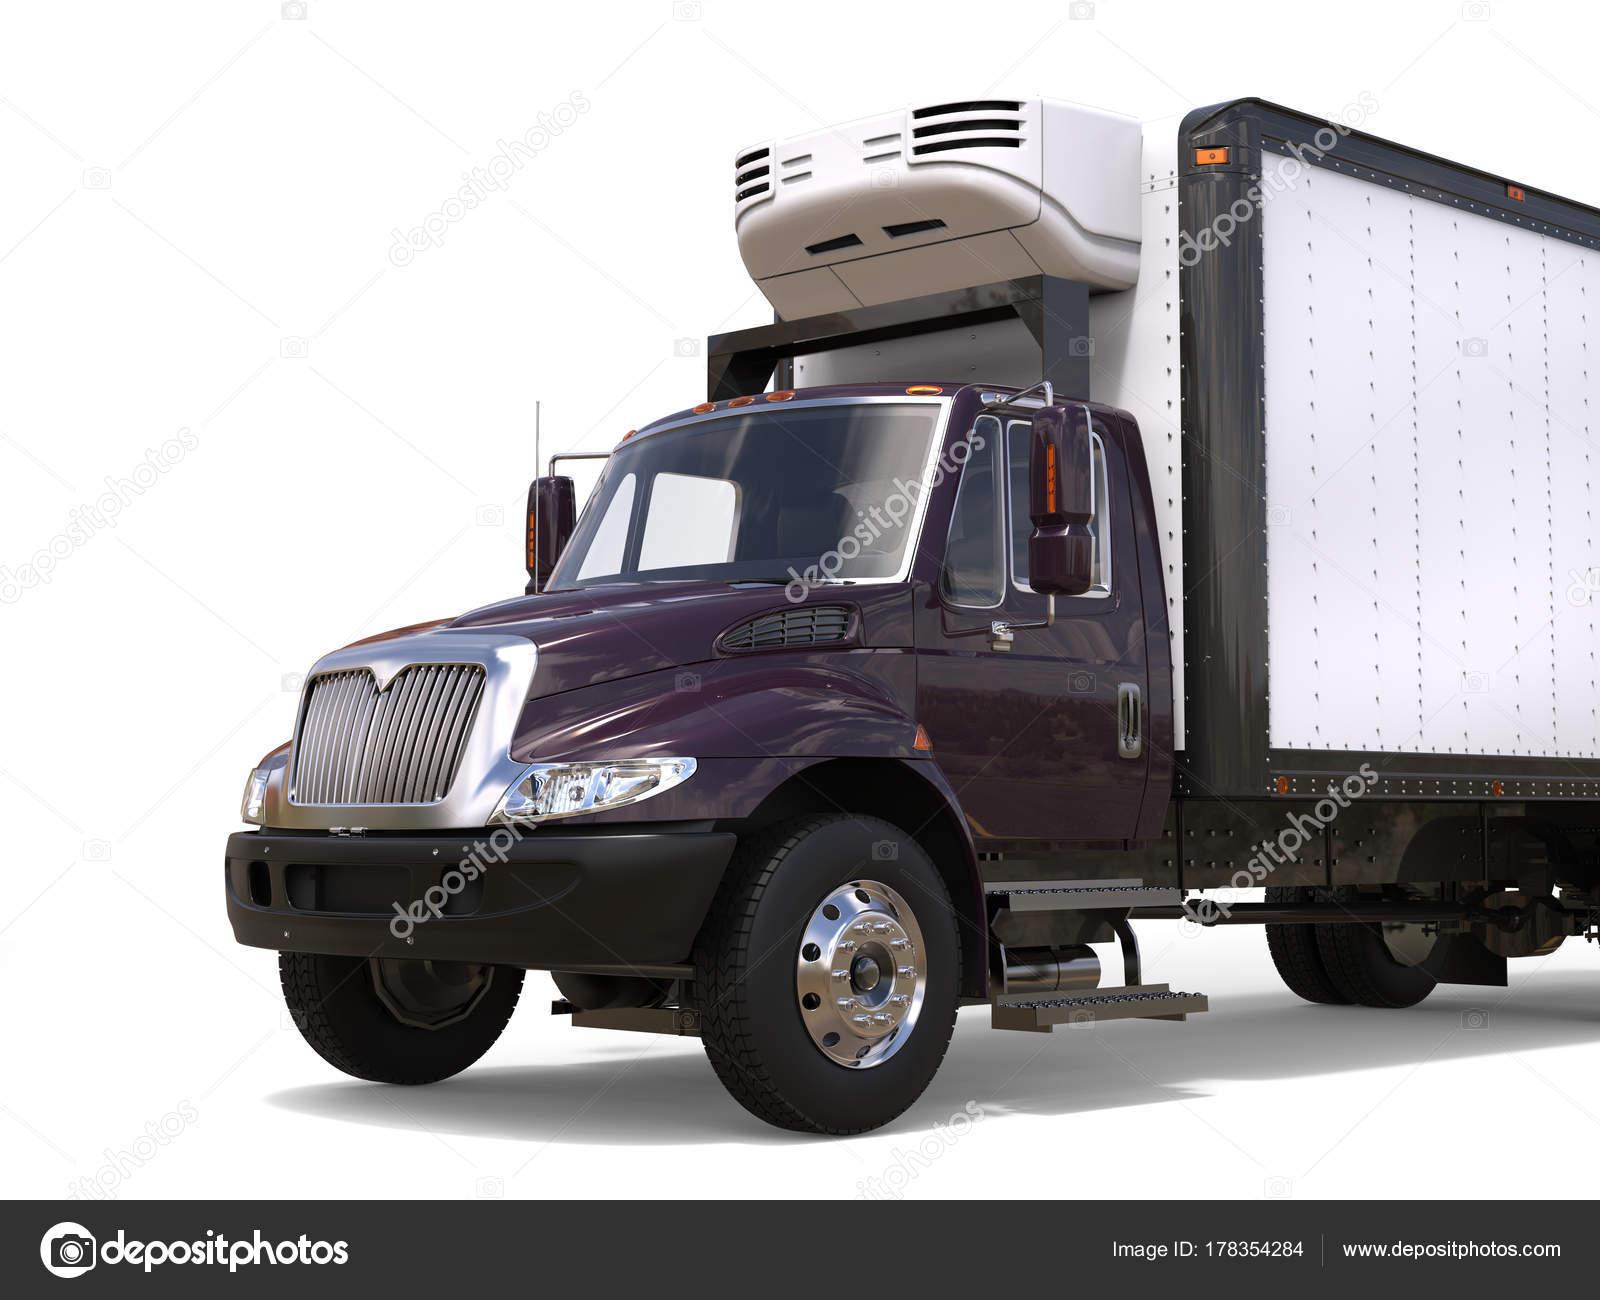 Amerikanischer Kühlschrank Transportieren : Dunkel lila kühlschrank lkw schneiden closeup aufnahme u stockfoto